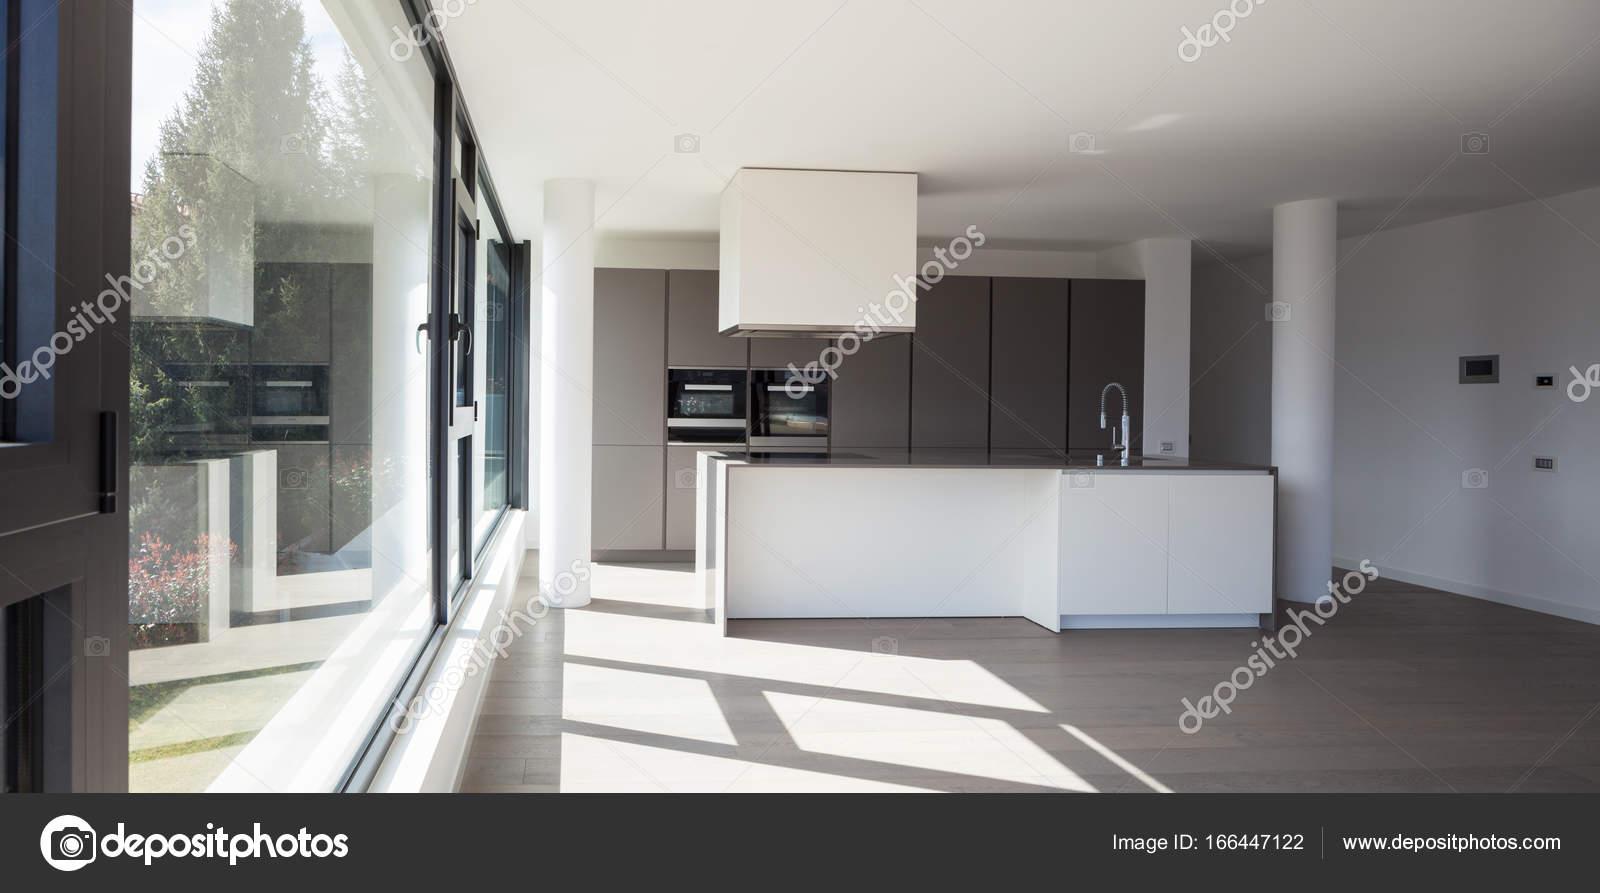 Cozinha Da Ilha Em Uma Ampla Sala Stock Photo Zveiger 166447122